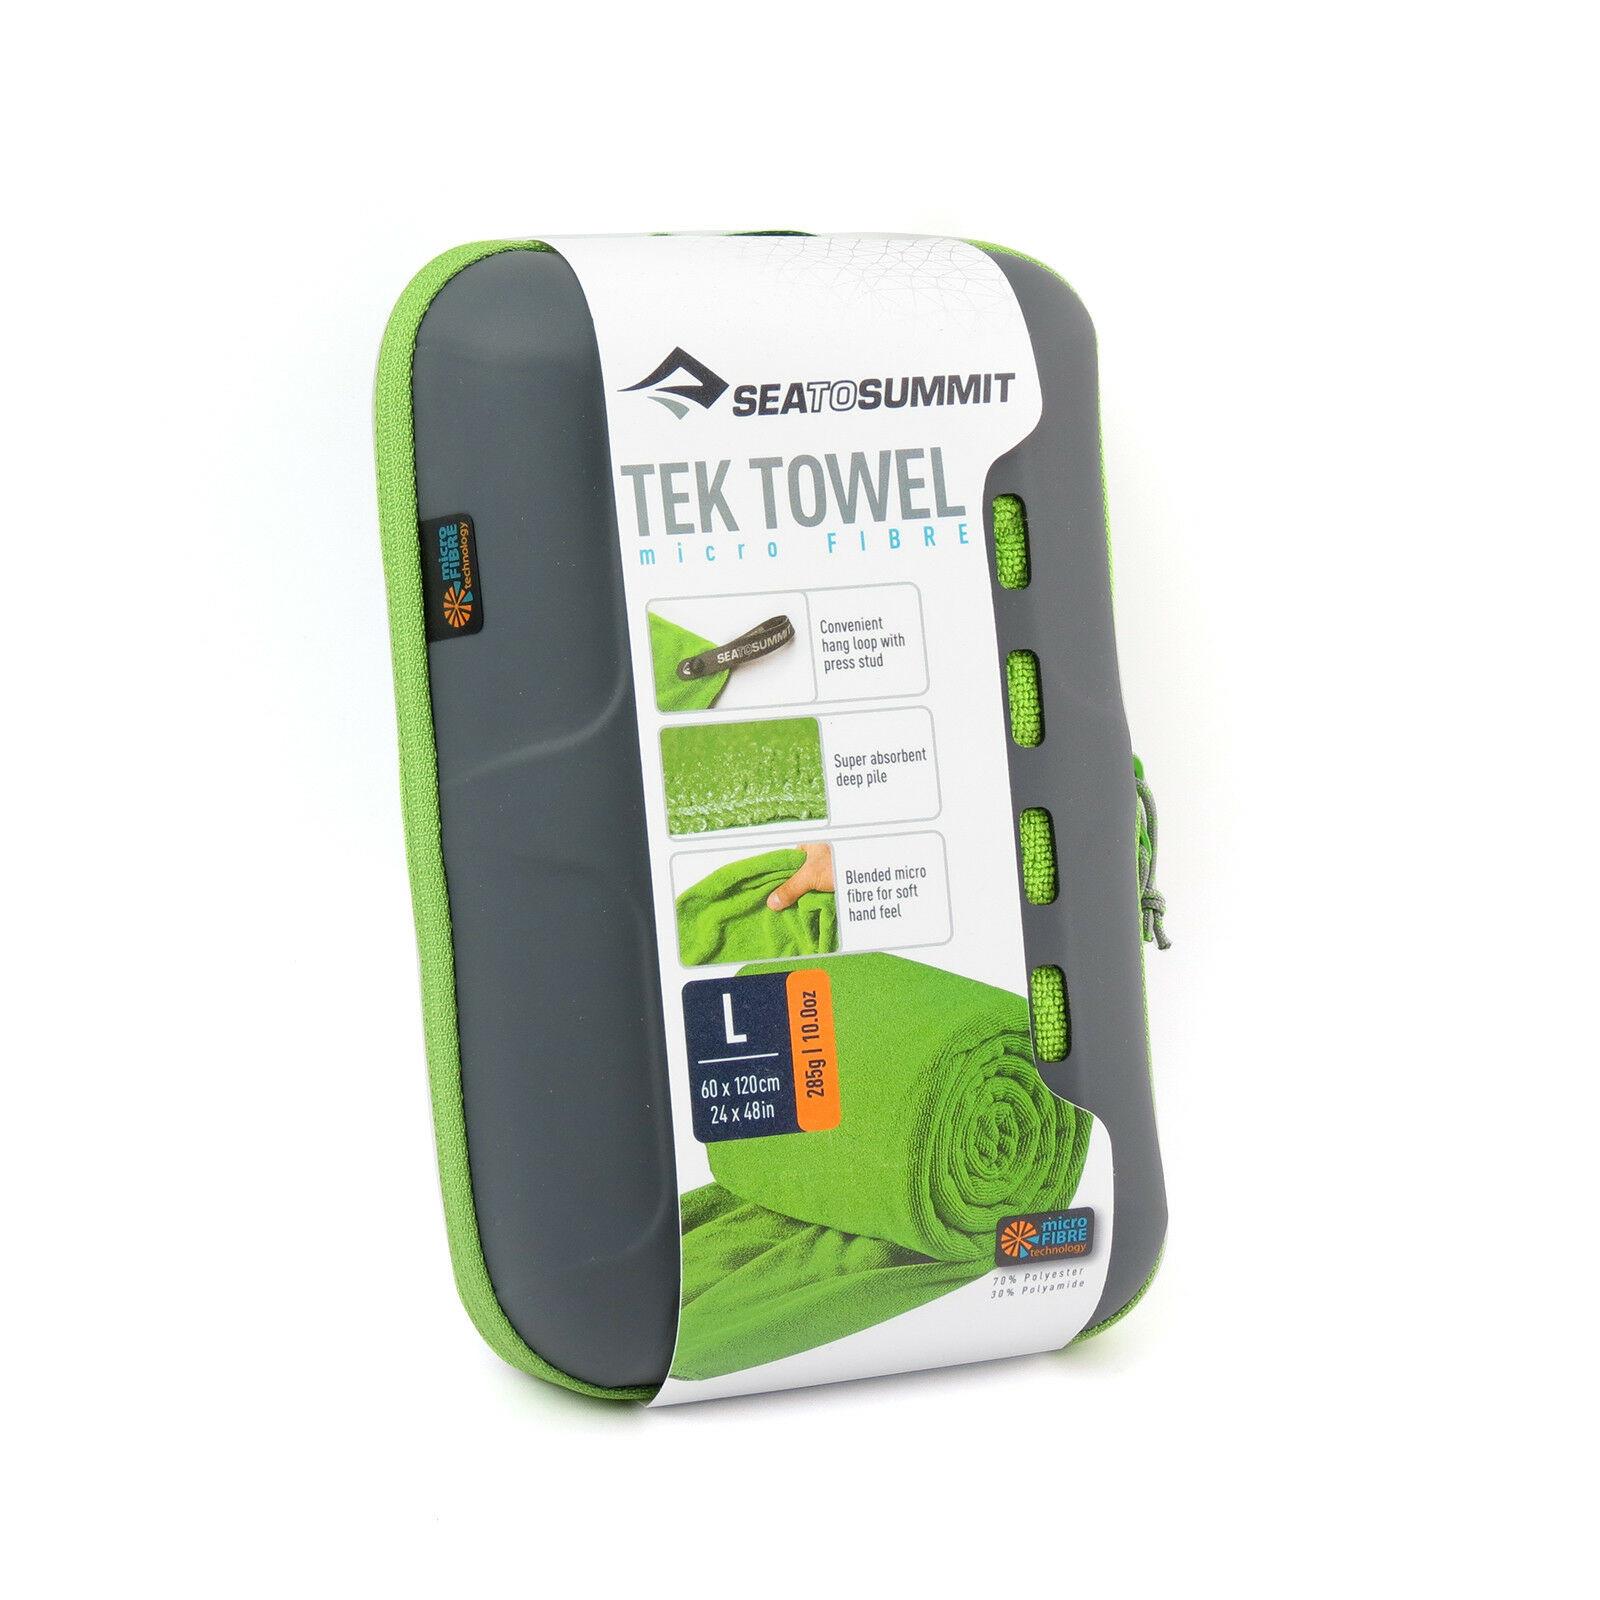 Toalha Tek Towel G - Sea to Summit